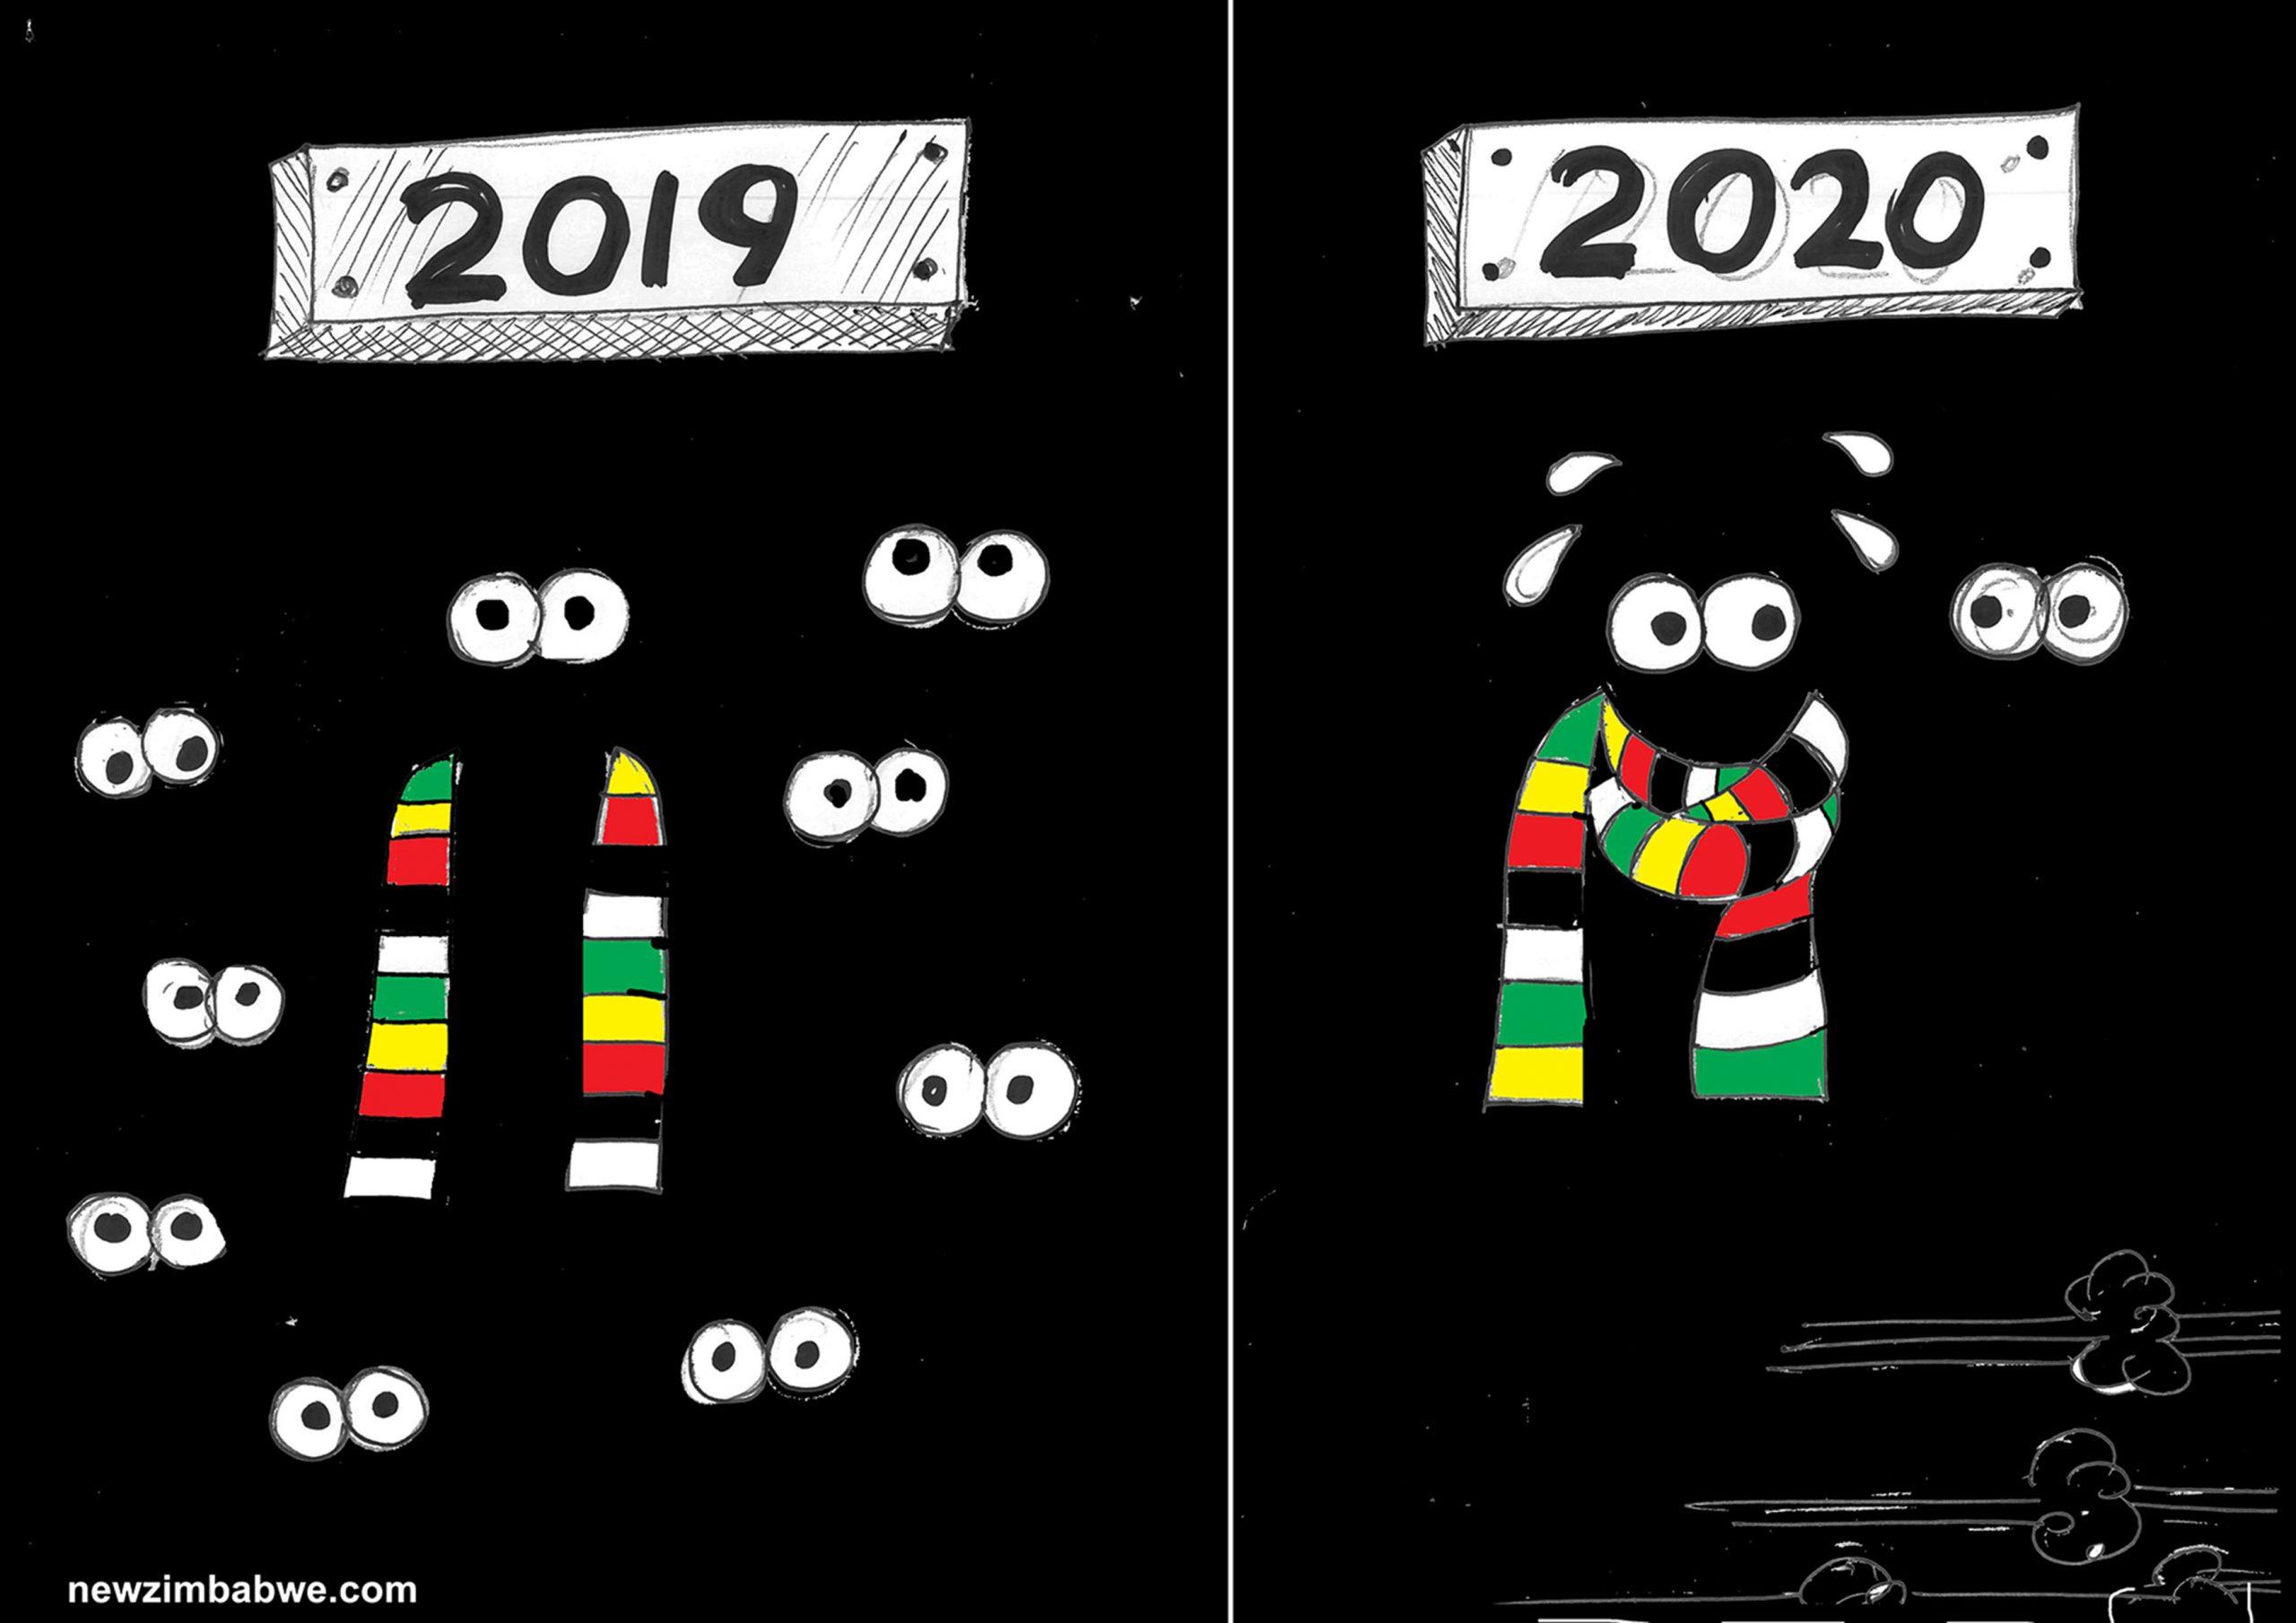 Tougher 2020 beckons